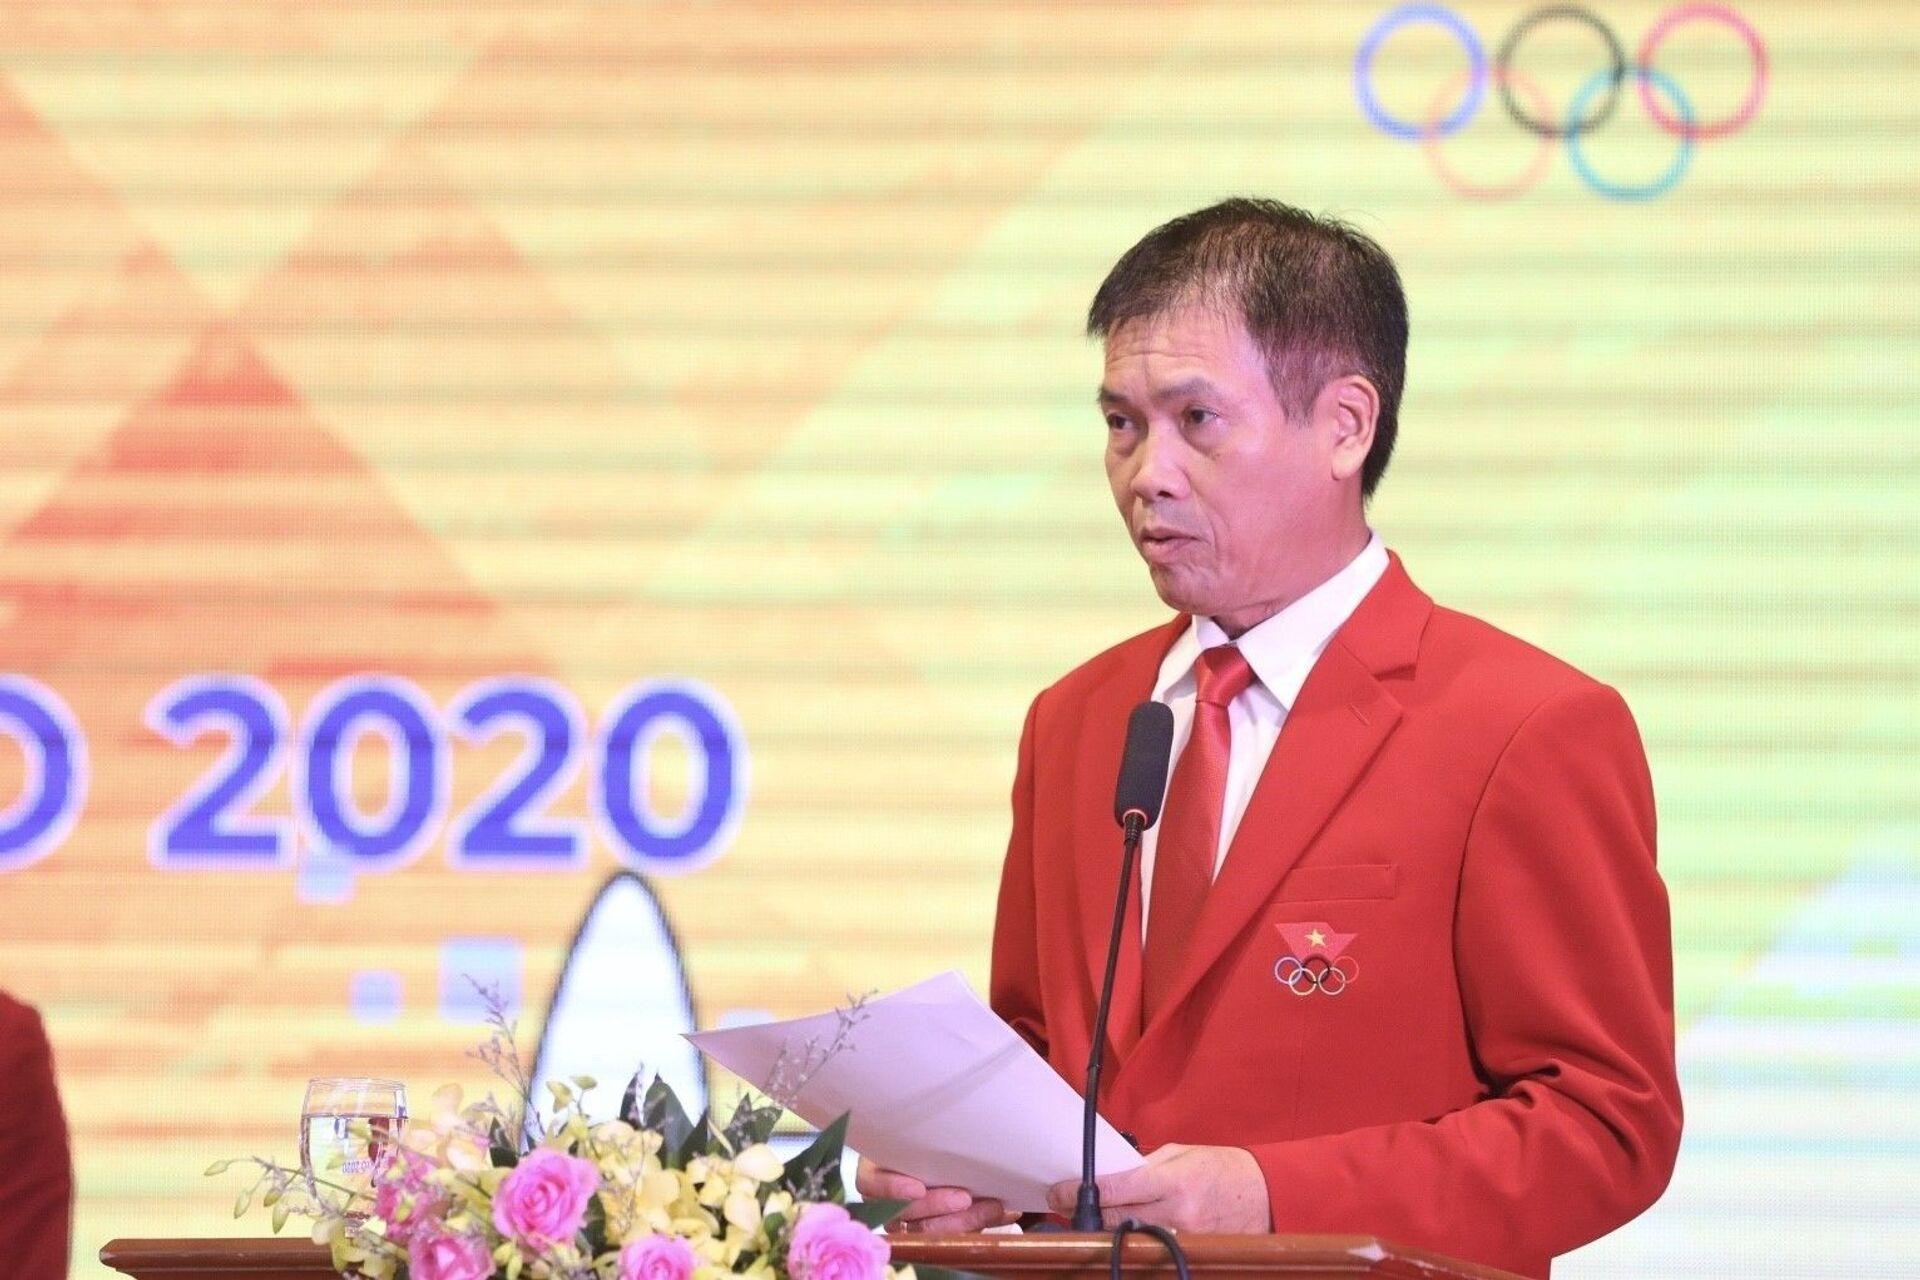 Thể thao Việt Nam cần những 'phép màu' như xạ thủ Hoàng Xuân Vinh ở Olympic - Sputnik Việt Nam, 1920, 15.07.2021